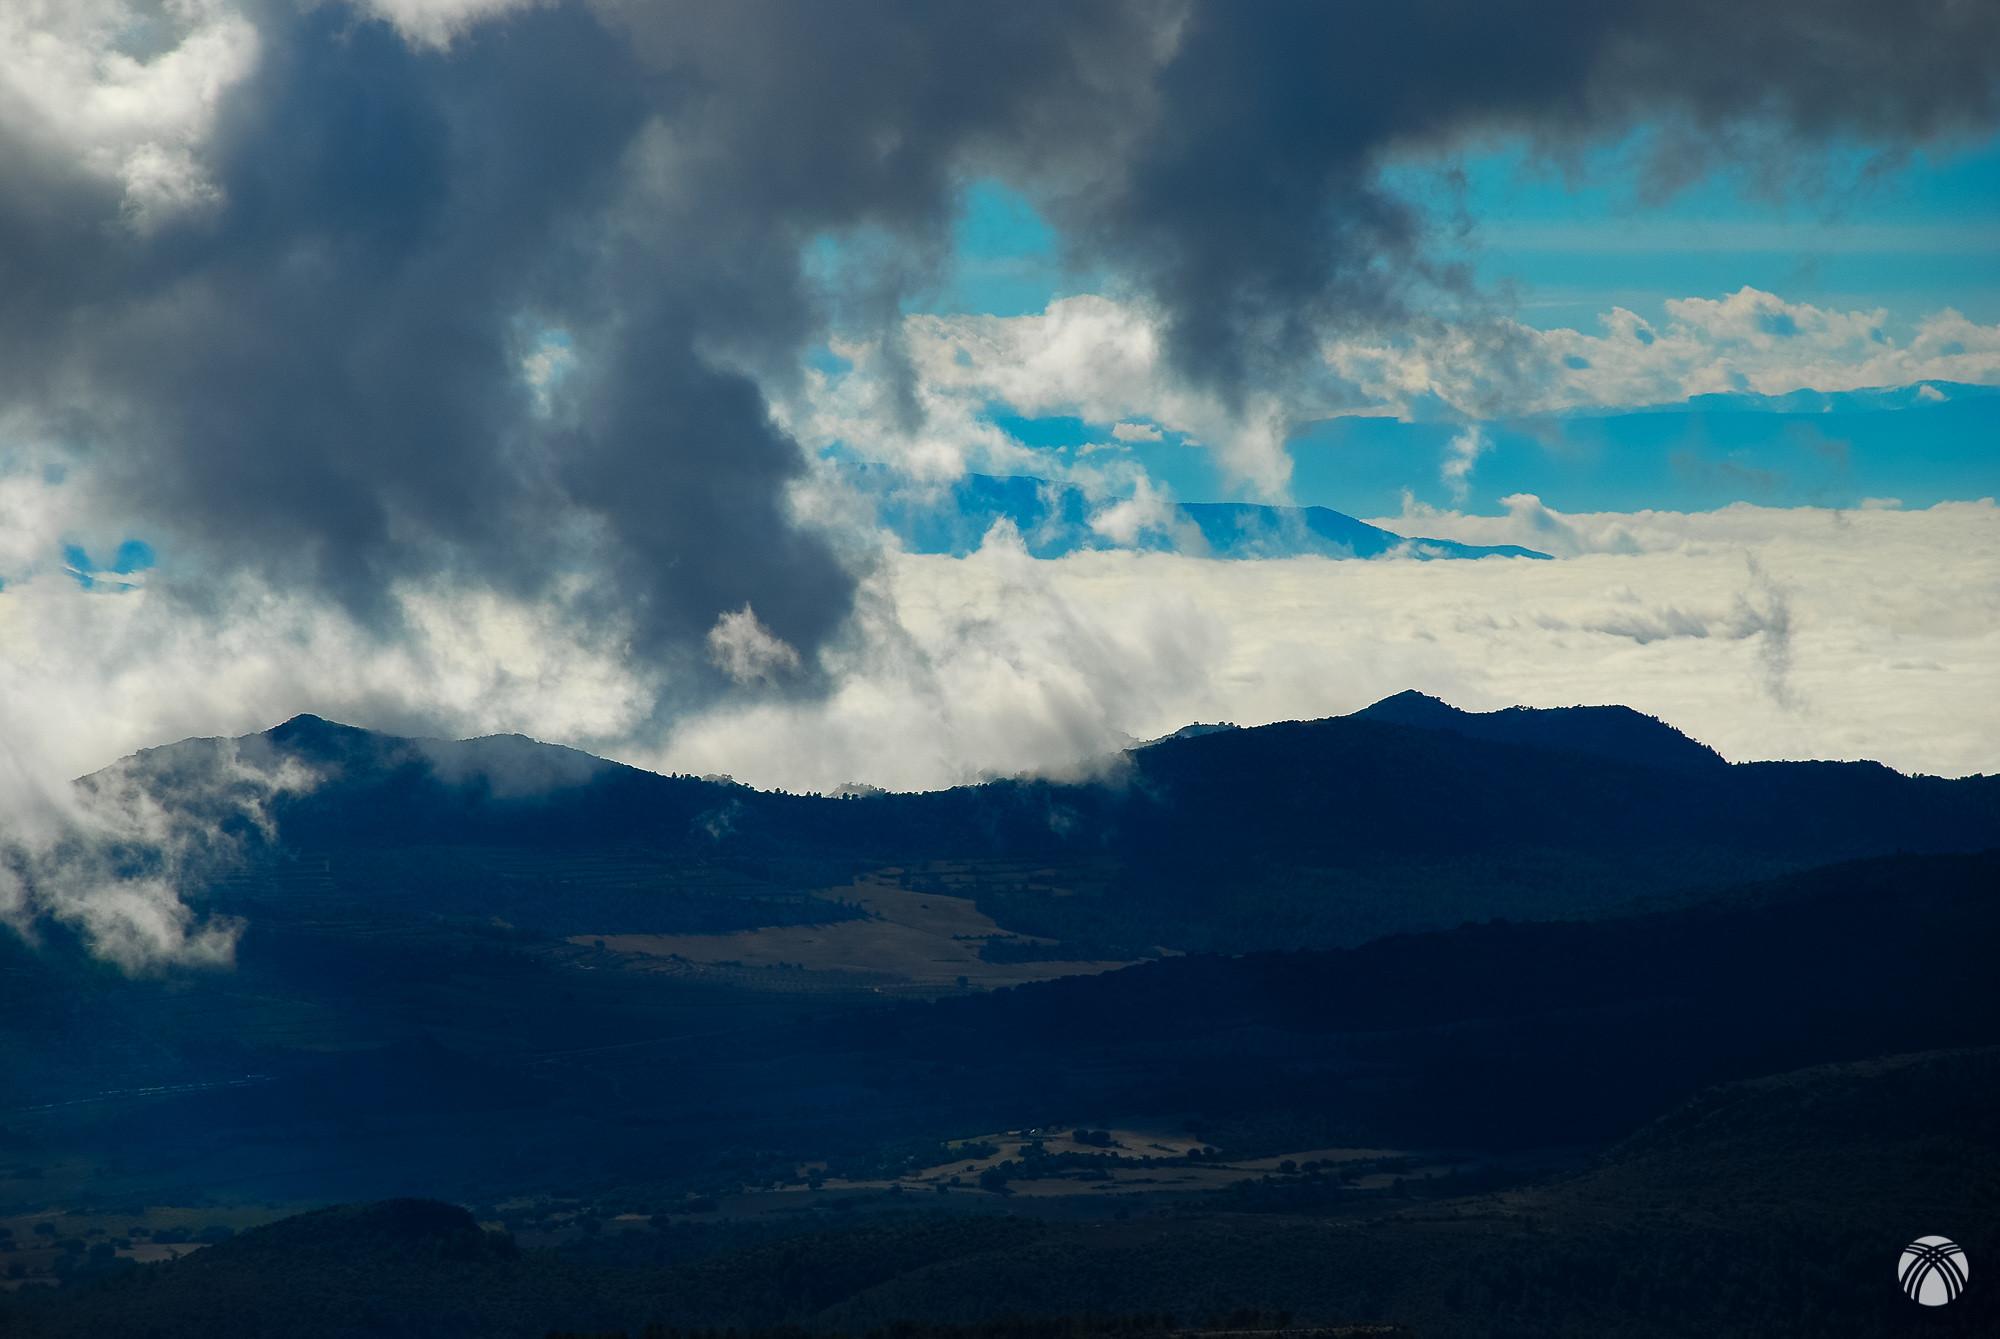 El tiempo inestable en el Cerro Moralejos